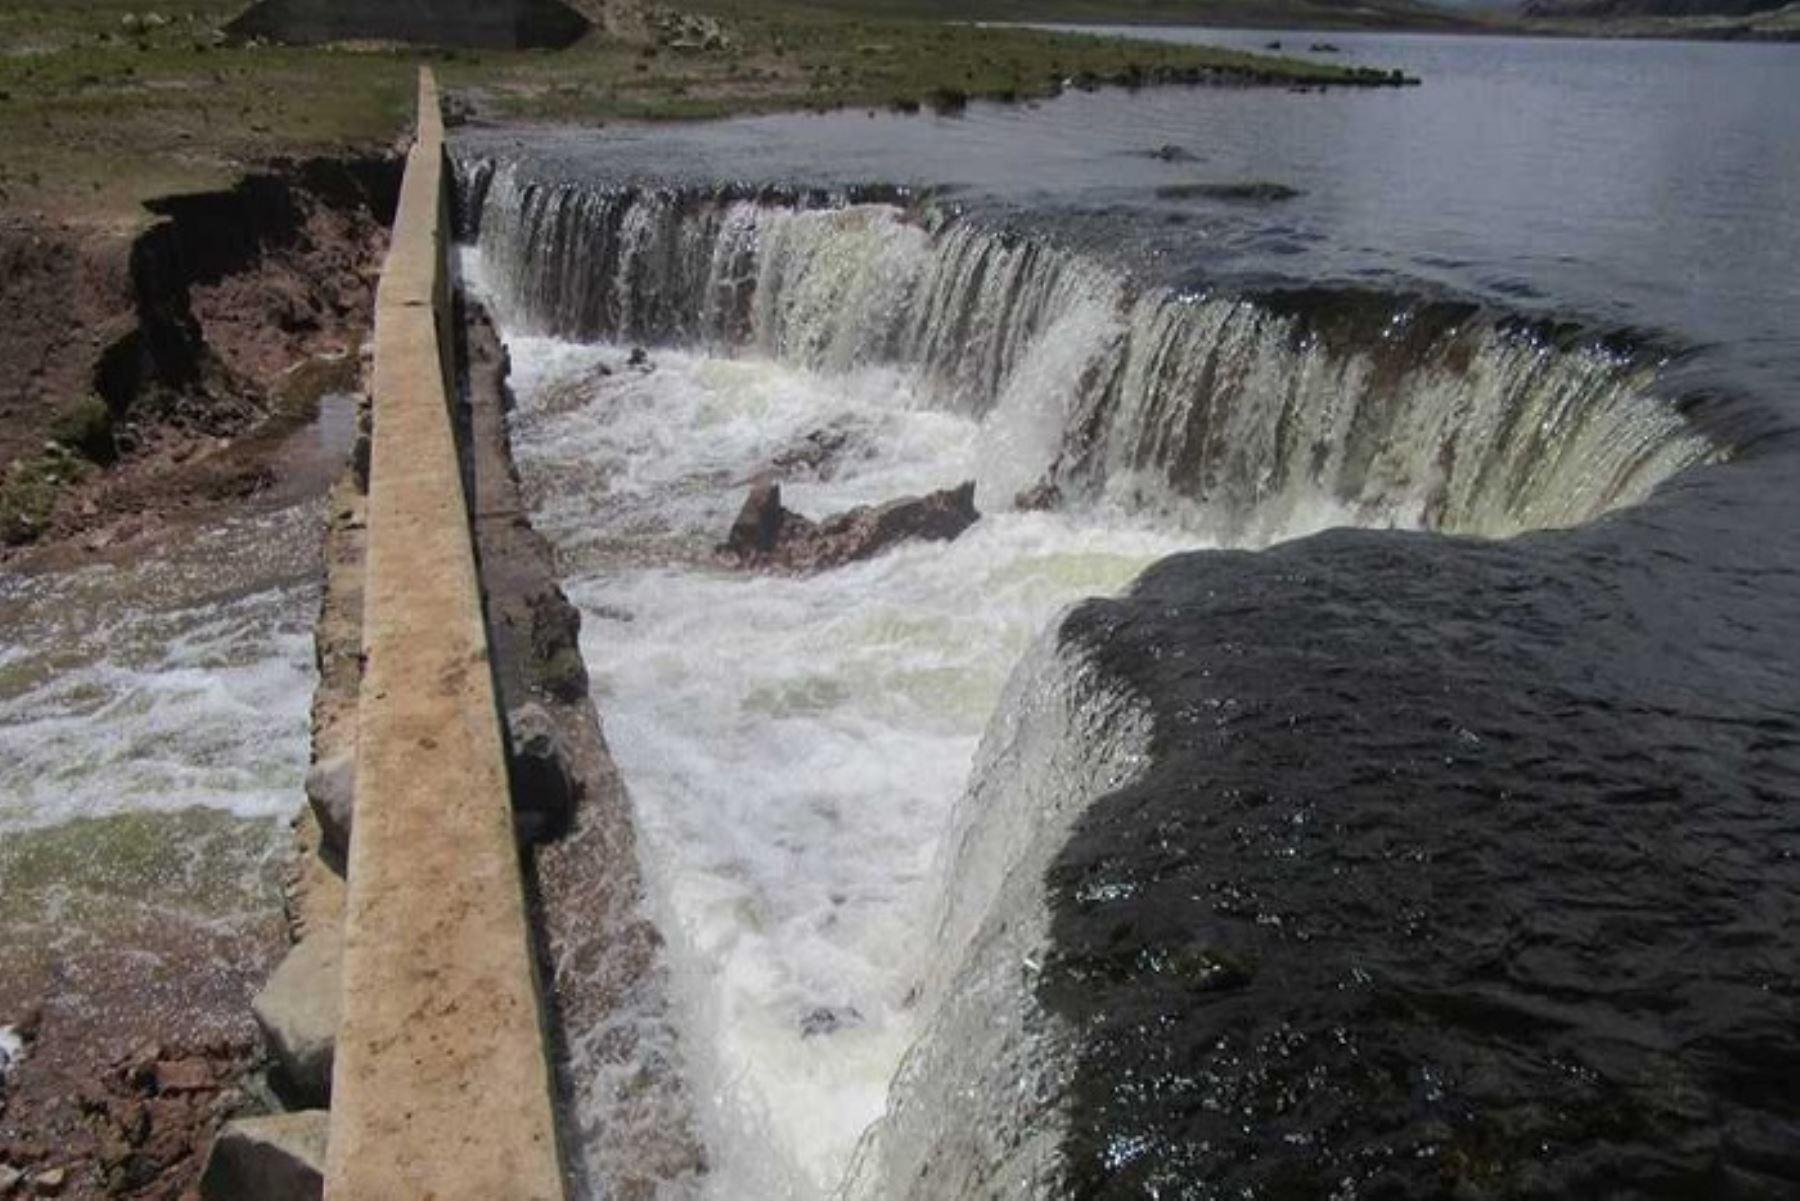 En los últimos días, el volumen de agua de la laguna Chichicocha ubicada en la parte alta de la provincia de Chupaca, en la región Junín, se incrementó en forma desmesurada, provocando temor entre la población que vive en la parte baja de la cuenca del Cunas.